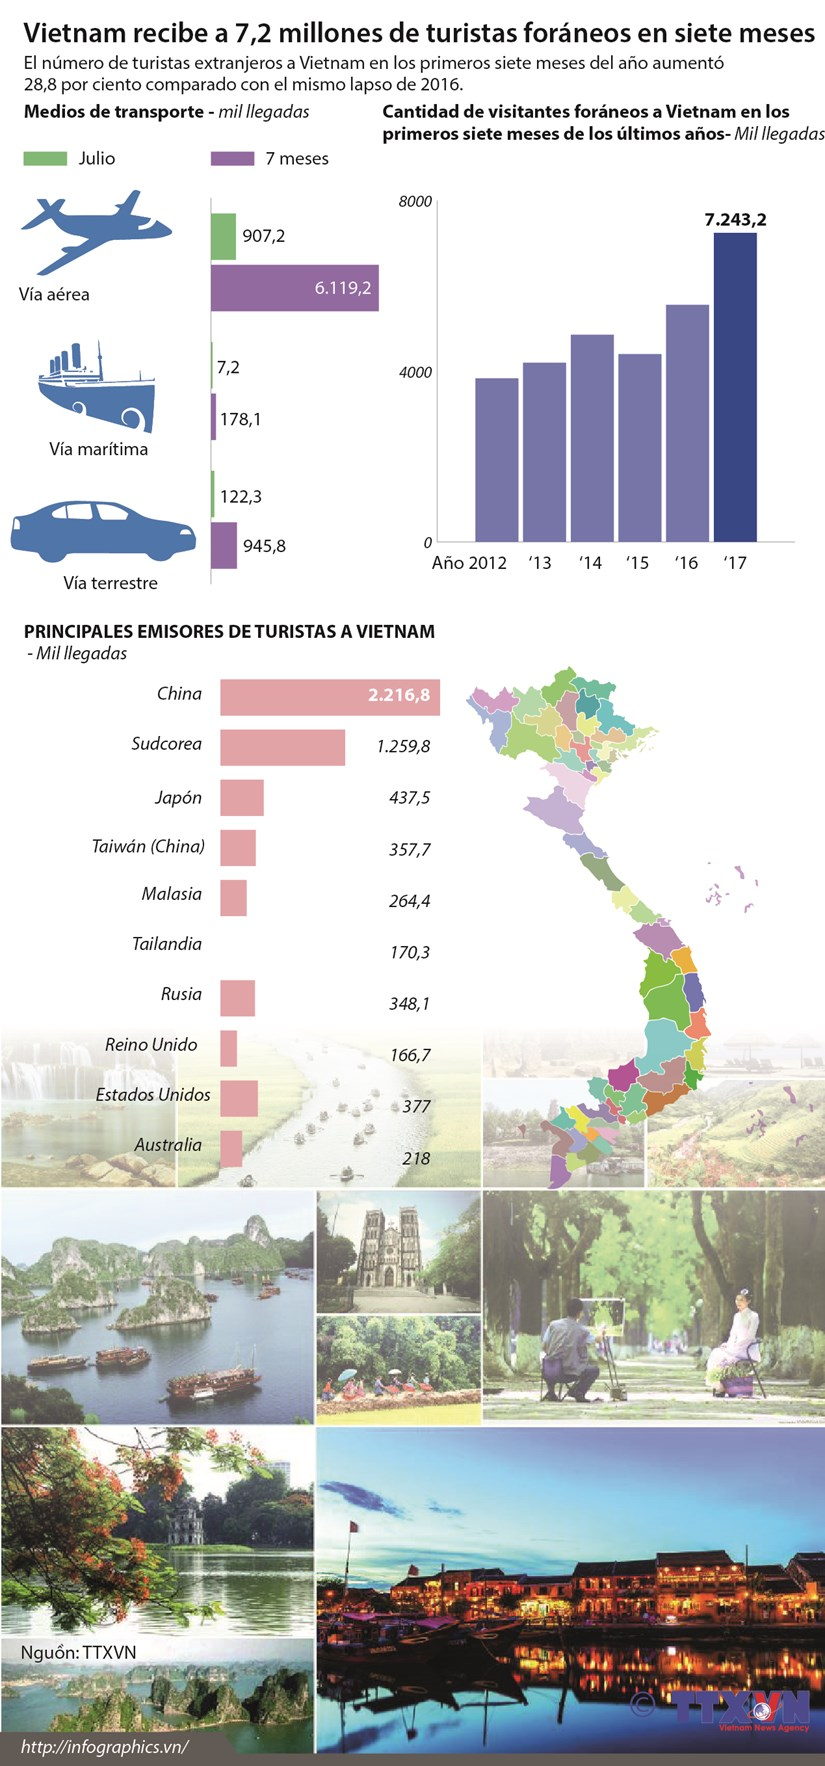 [Infografia] Vietnam recibe a 7,2 millones de turistas foraneos en siete meses hinh anh 1